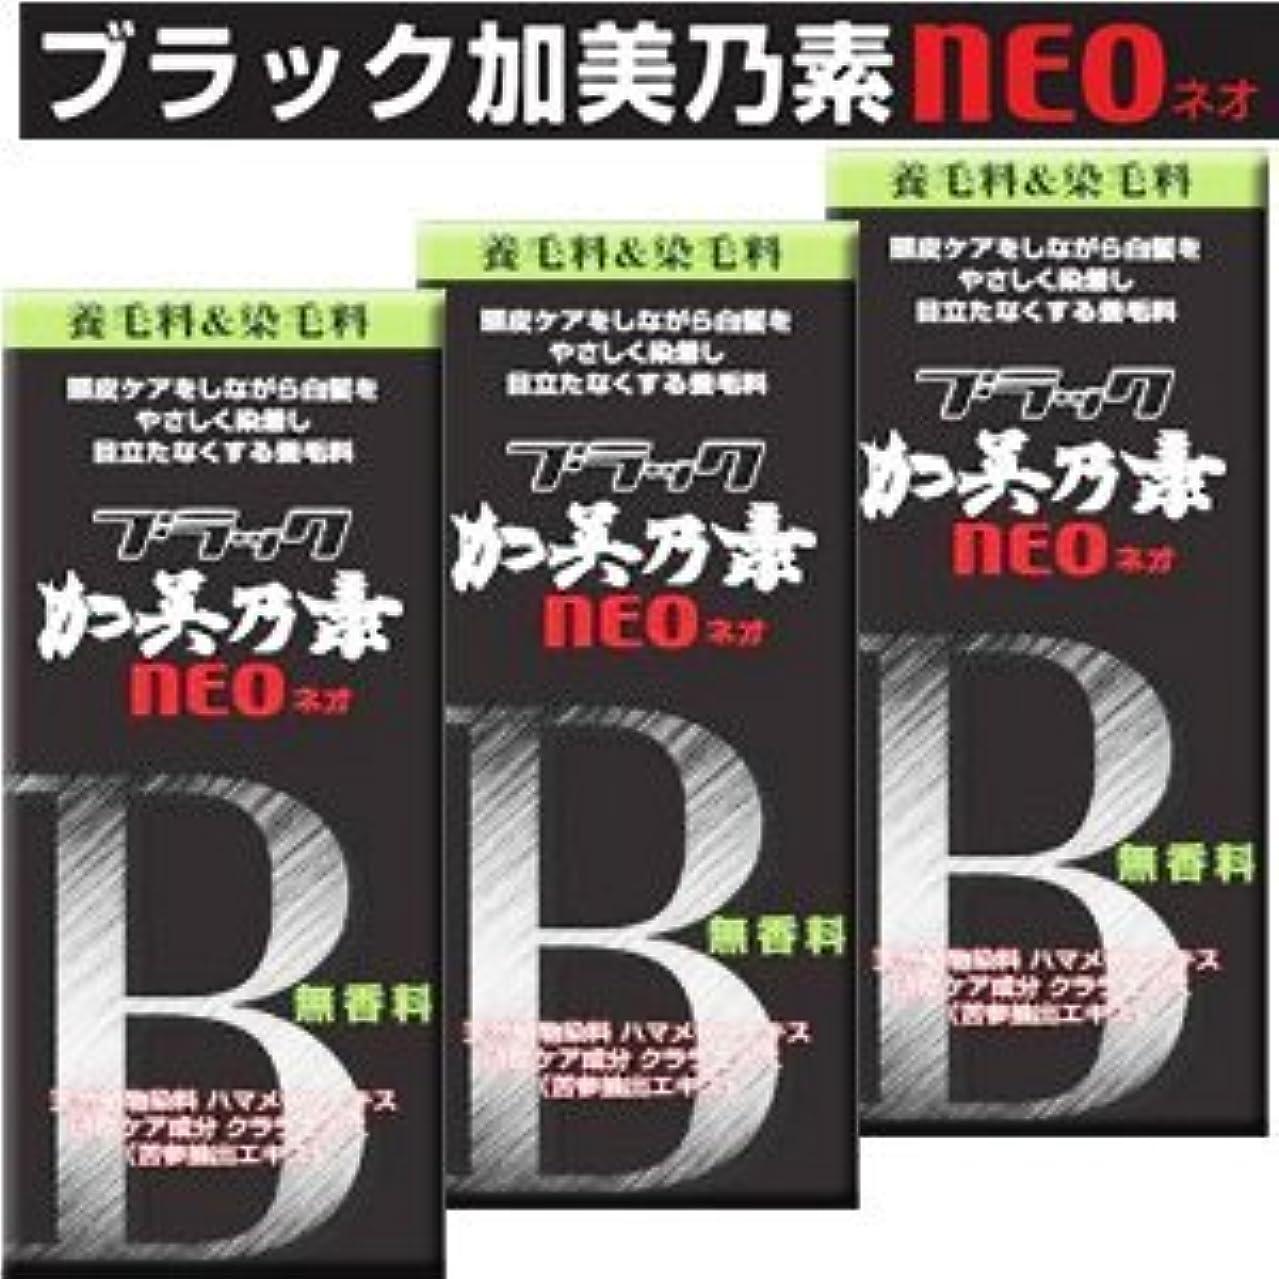 剣百夕方【3個】 ブラック加美乃素NEO 無香料 150mlx3個 (4987046370105)